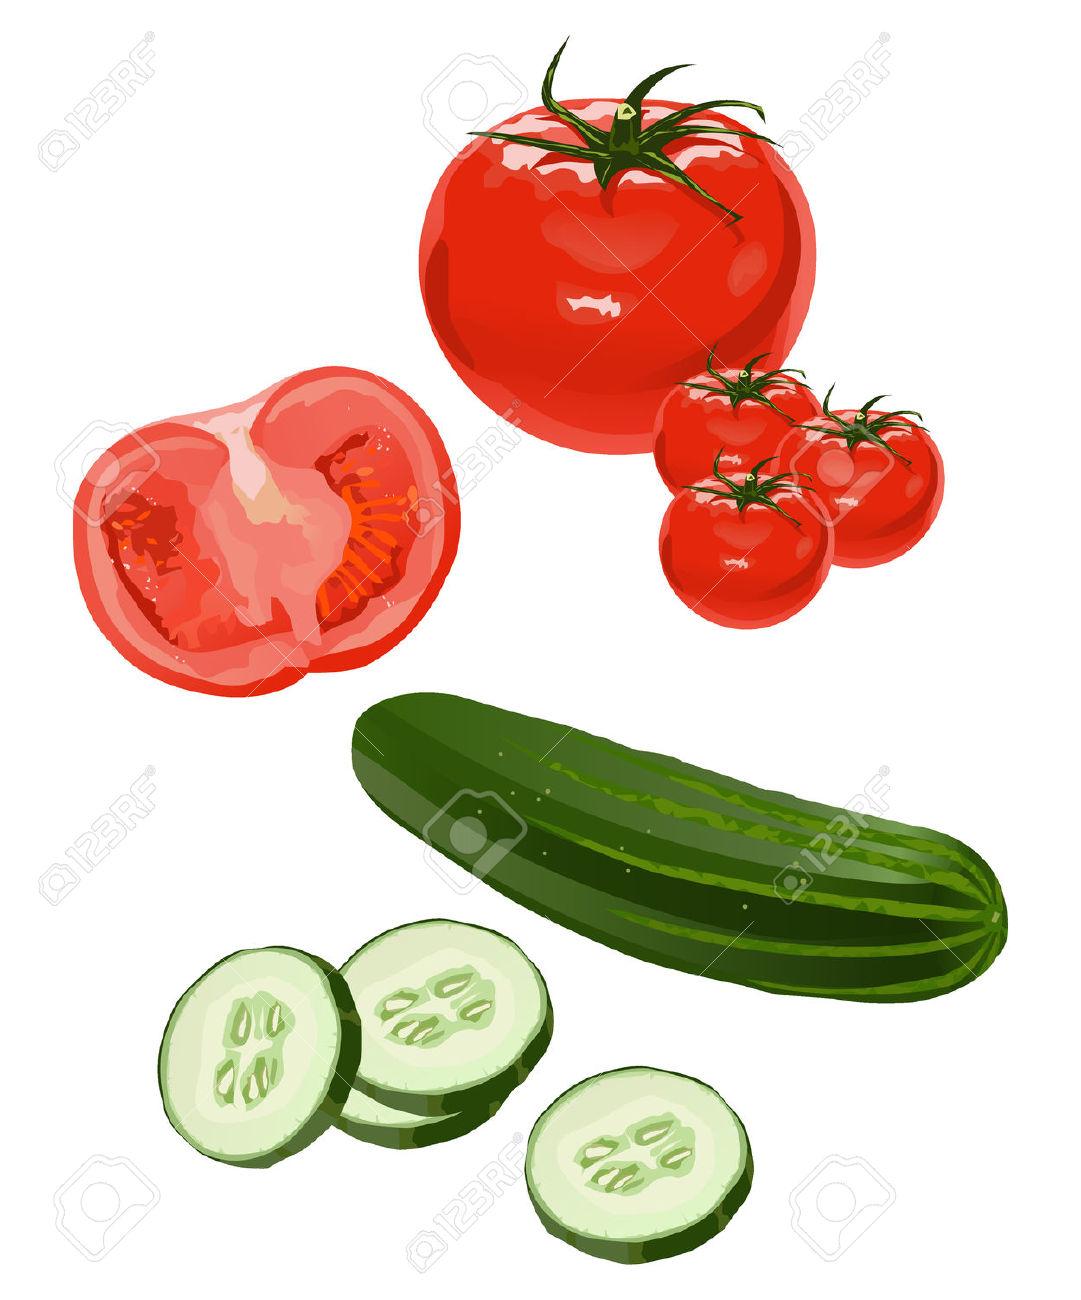 Cucumber salad clipart.